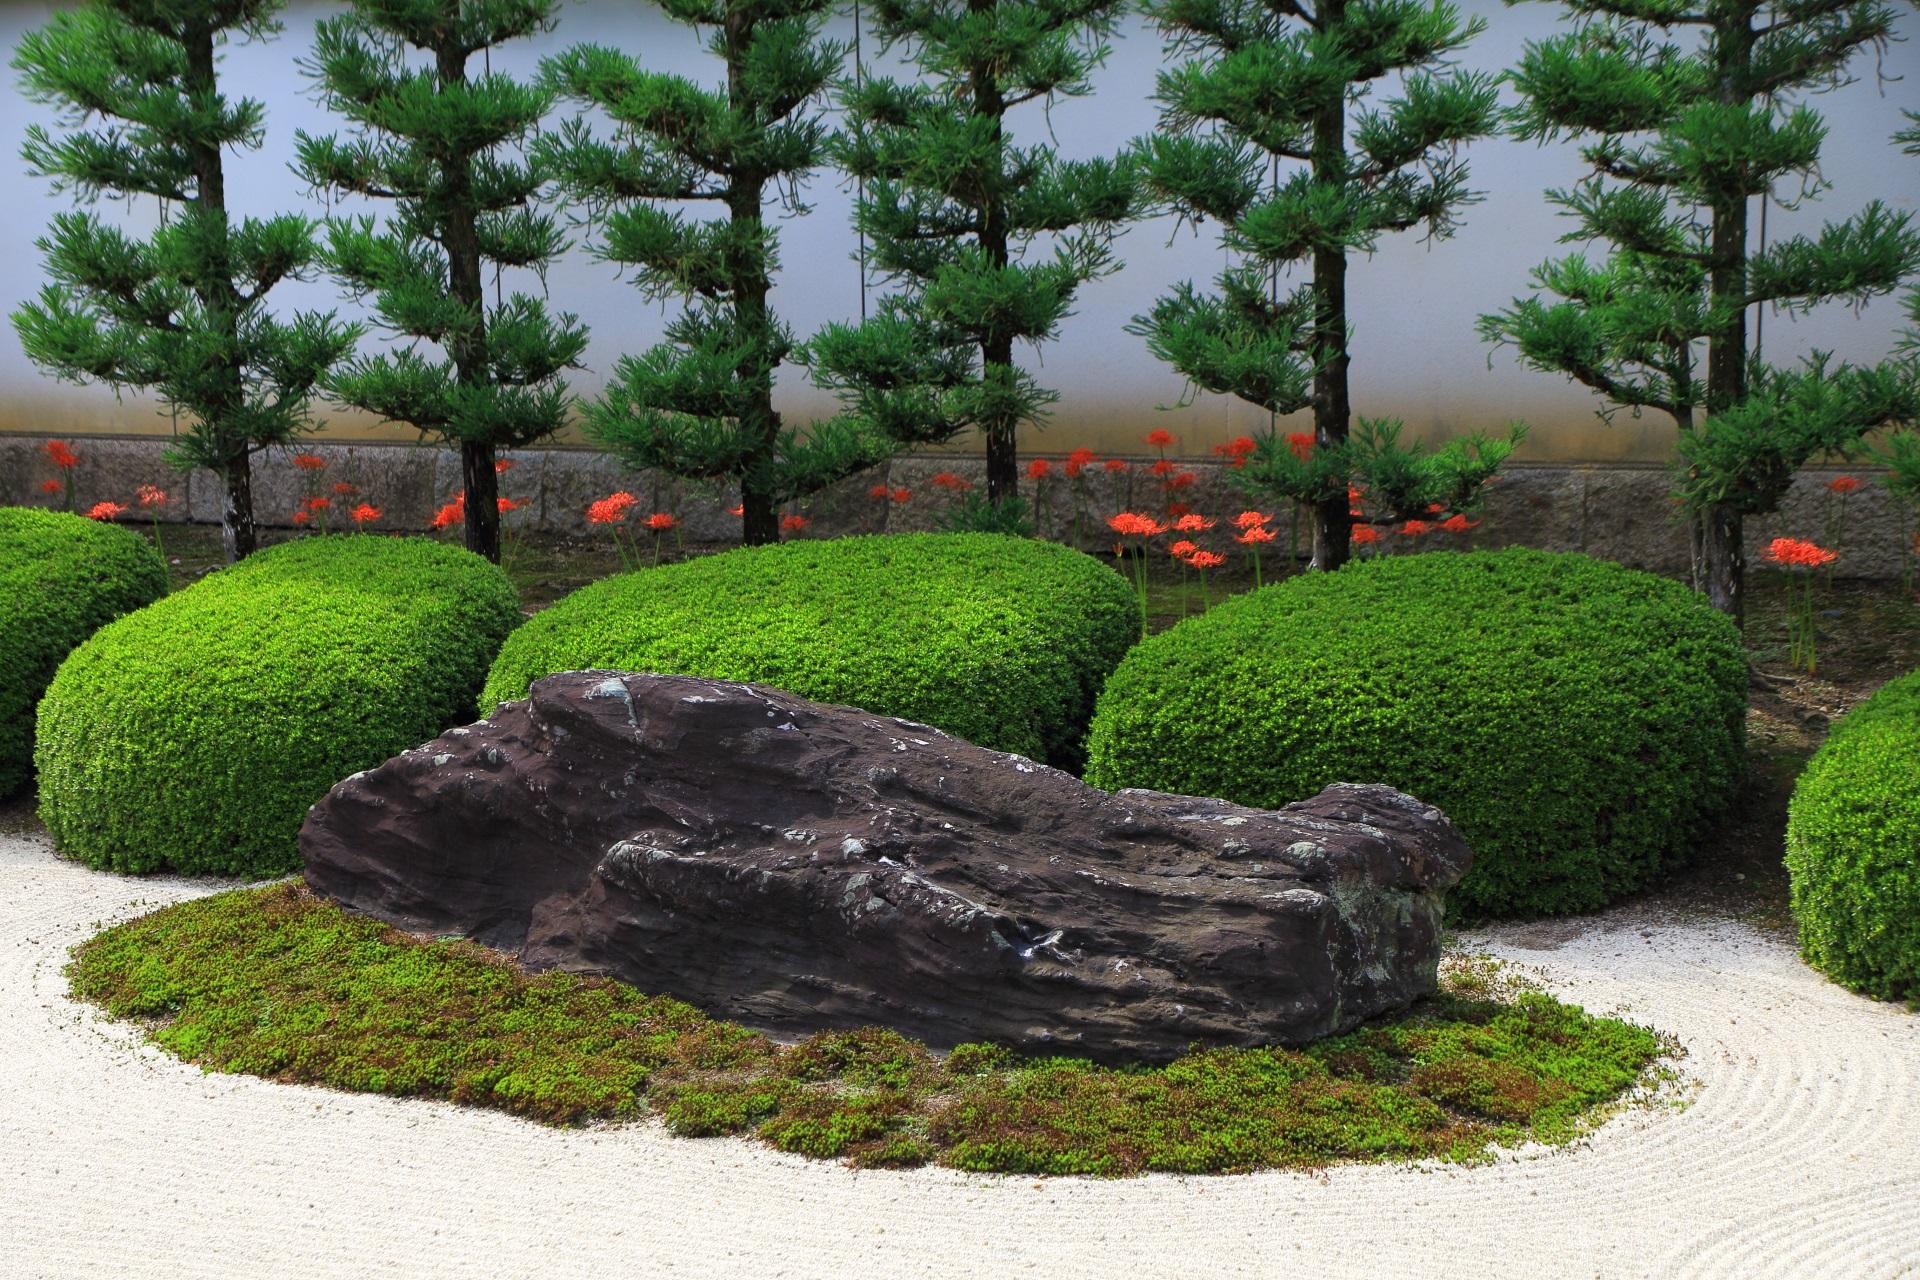 臥牛石と呼ばれる秀吉が伏見城から移した名石と彼岸花